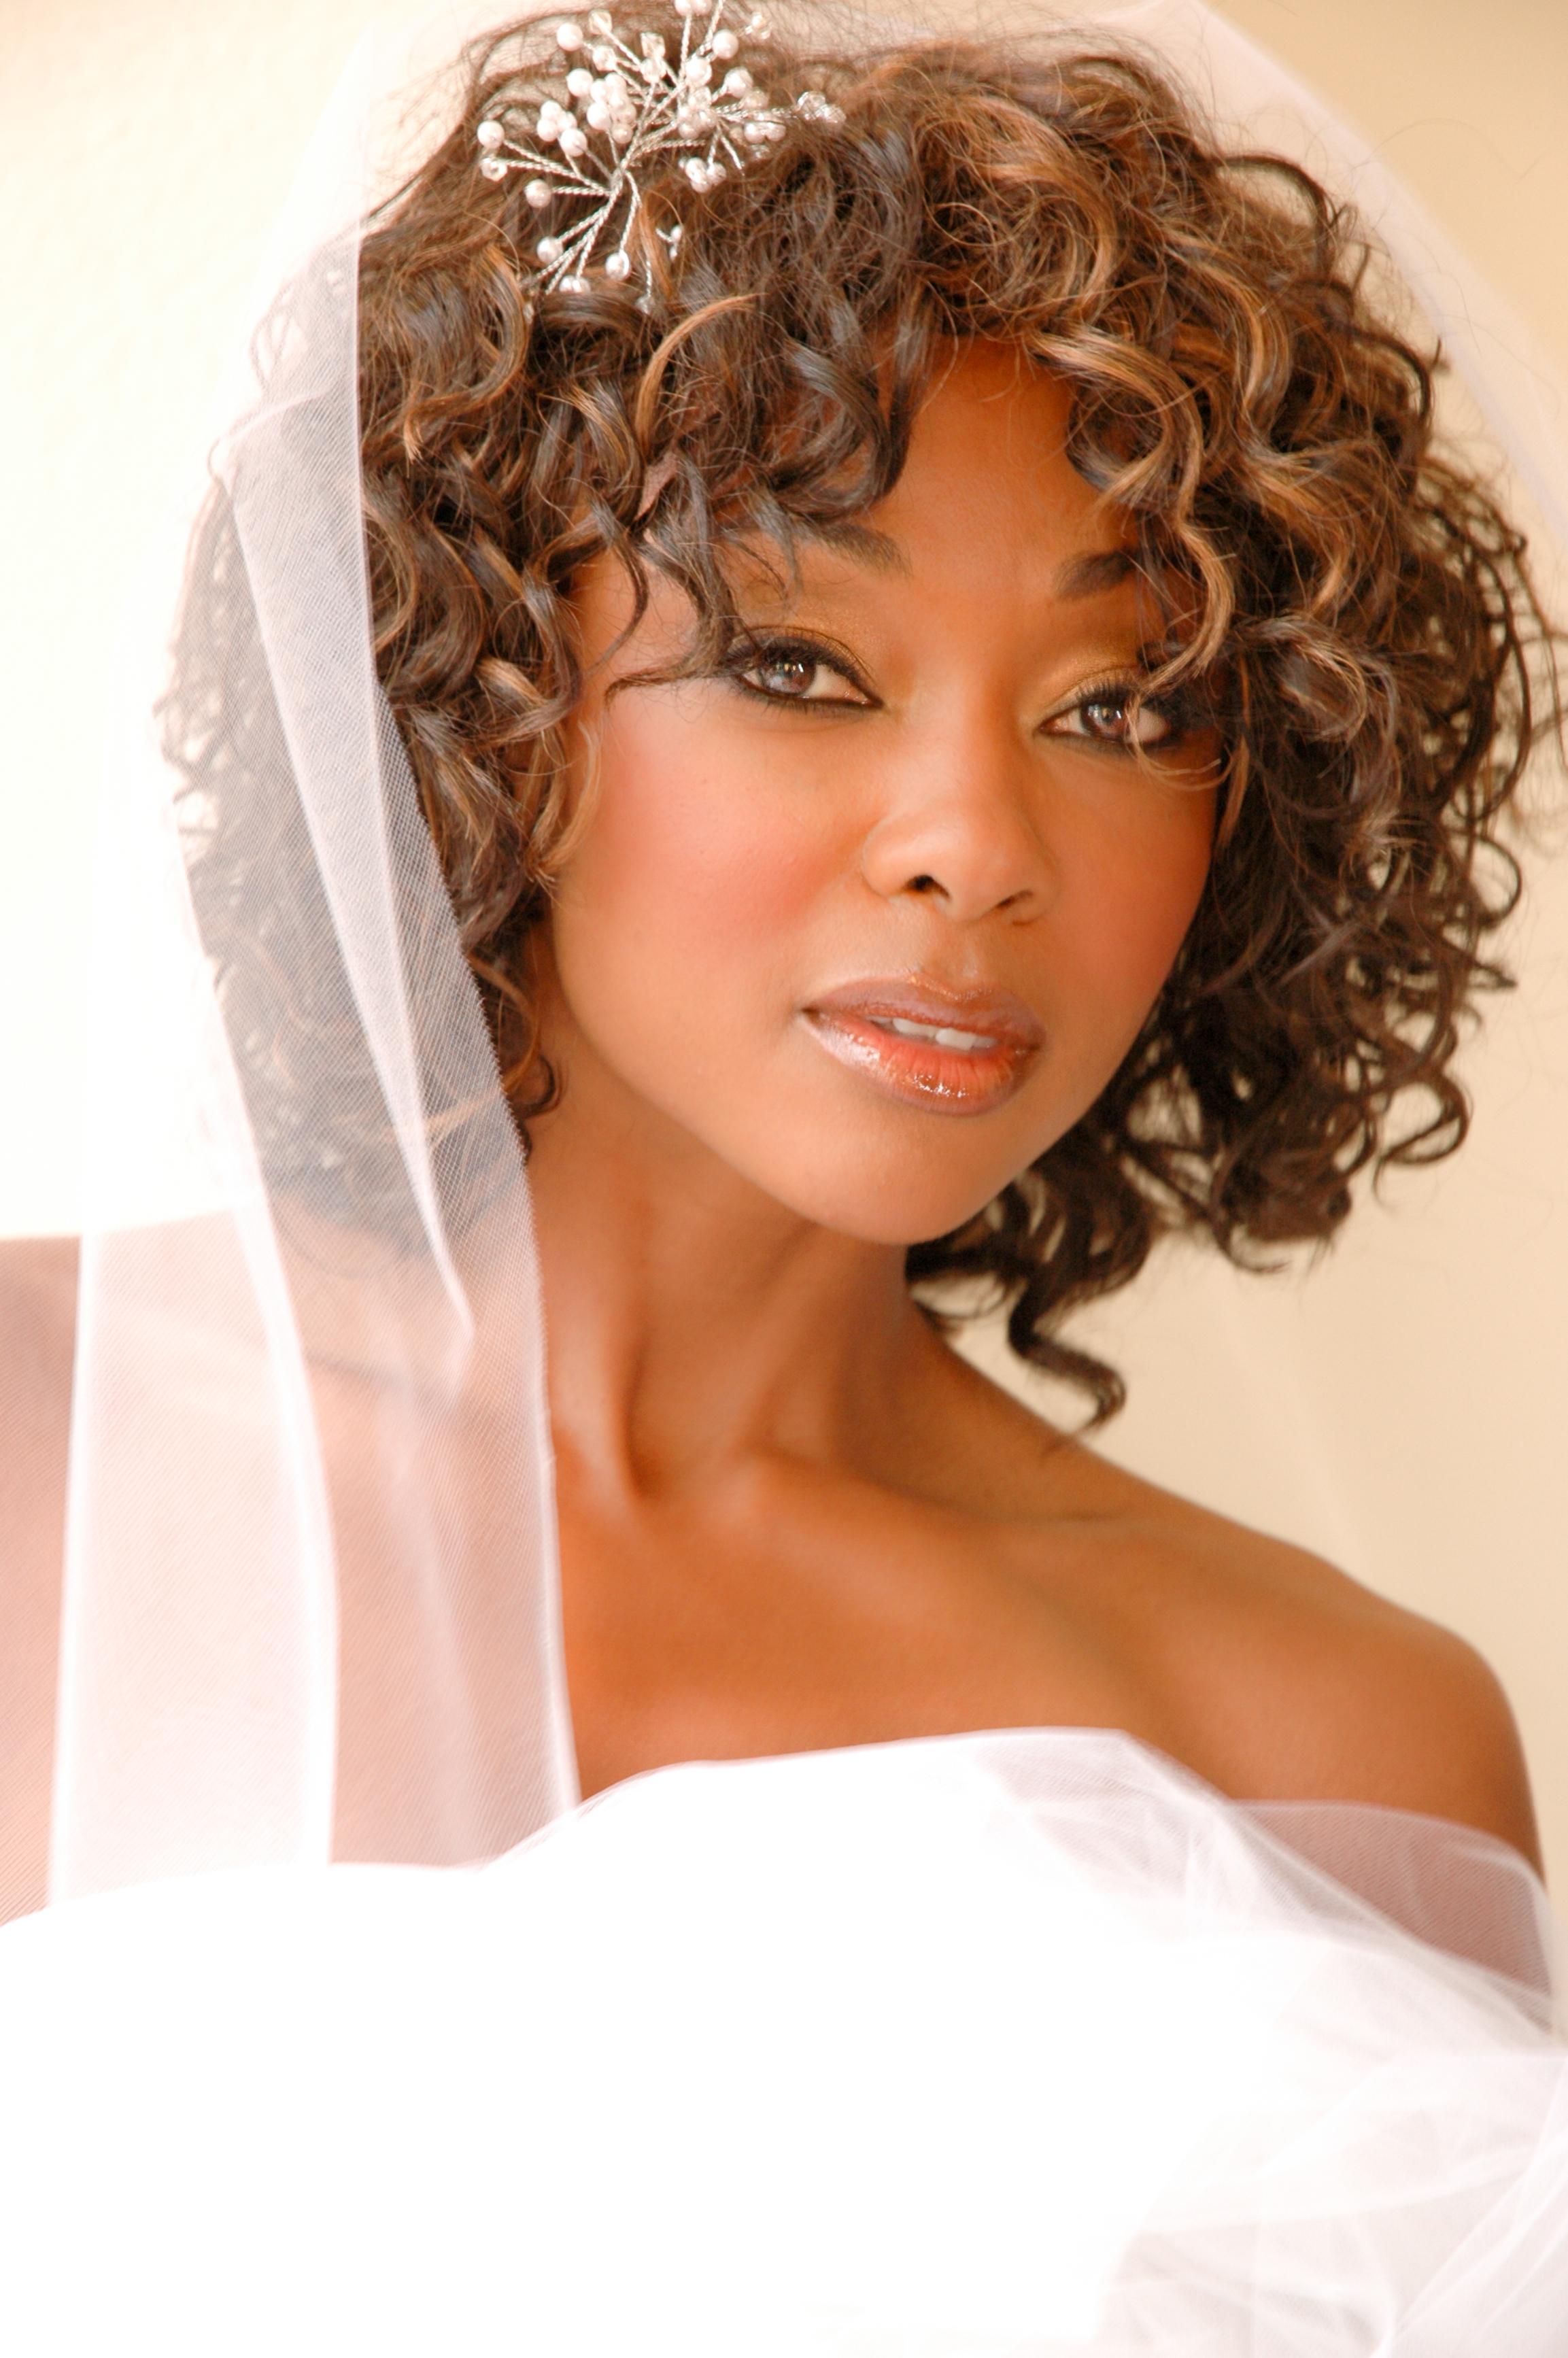 Makeup by Deanna Boyd